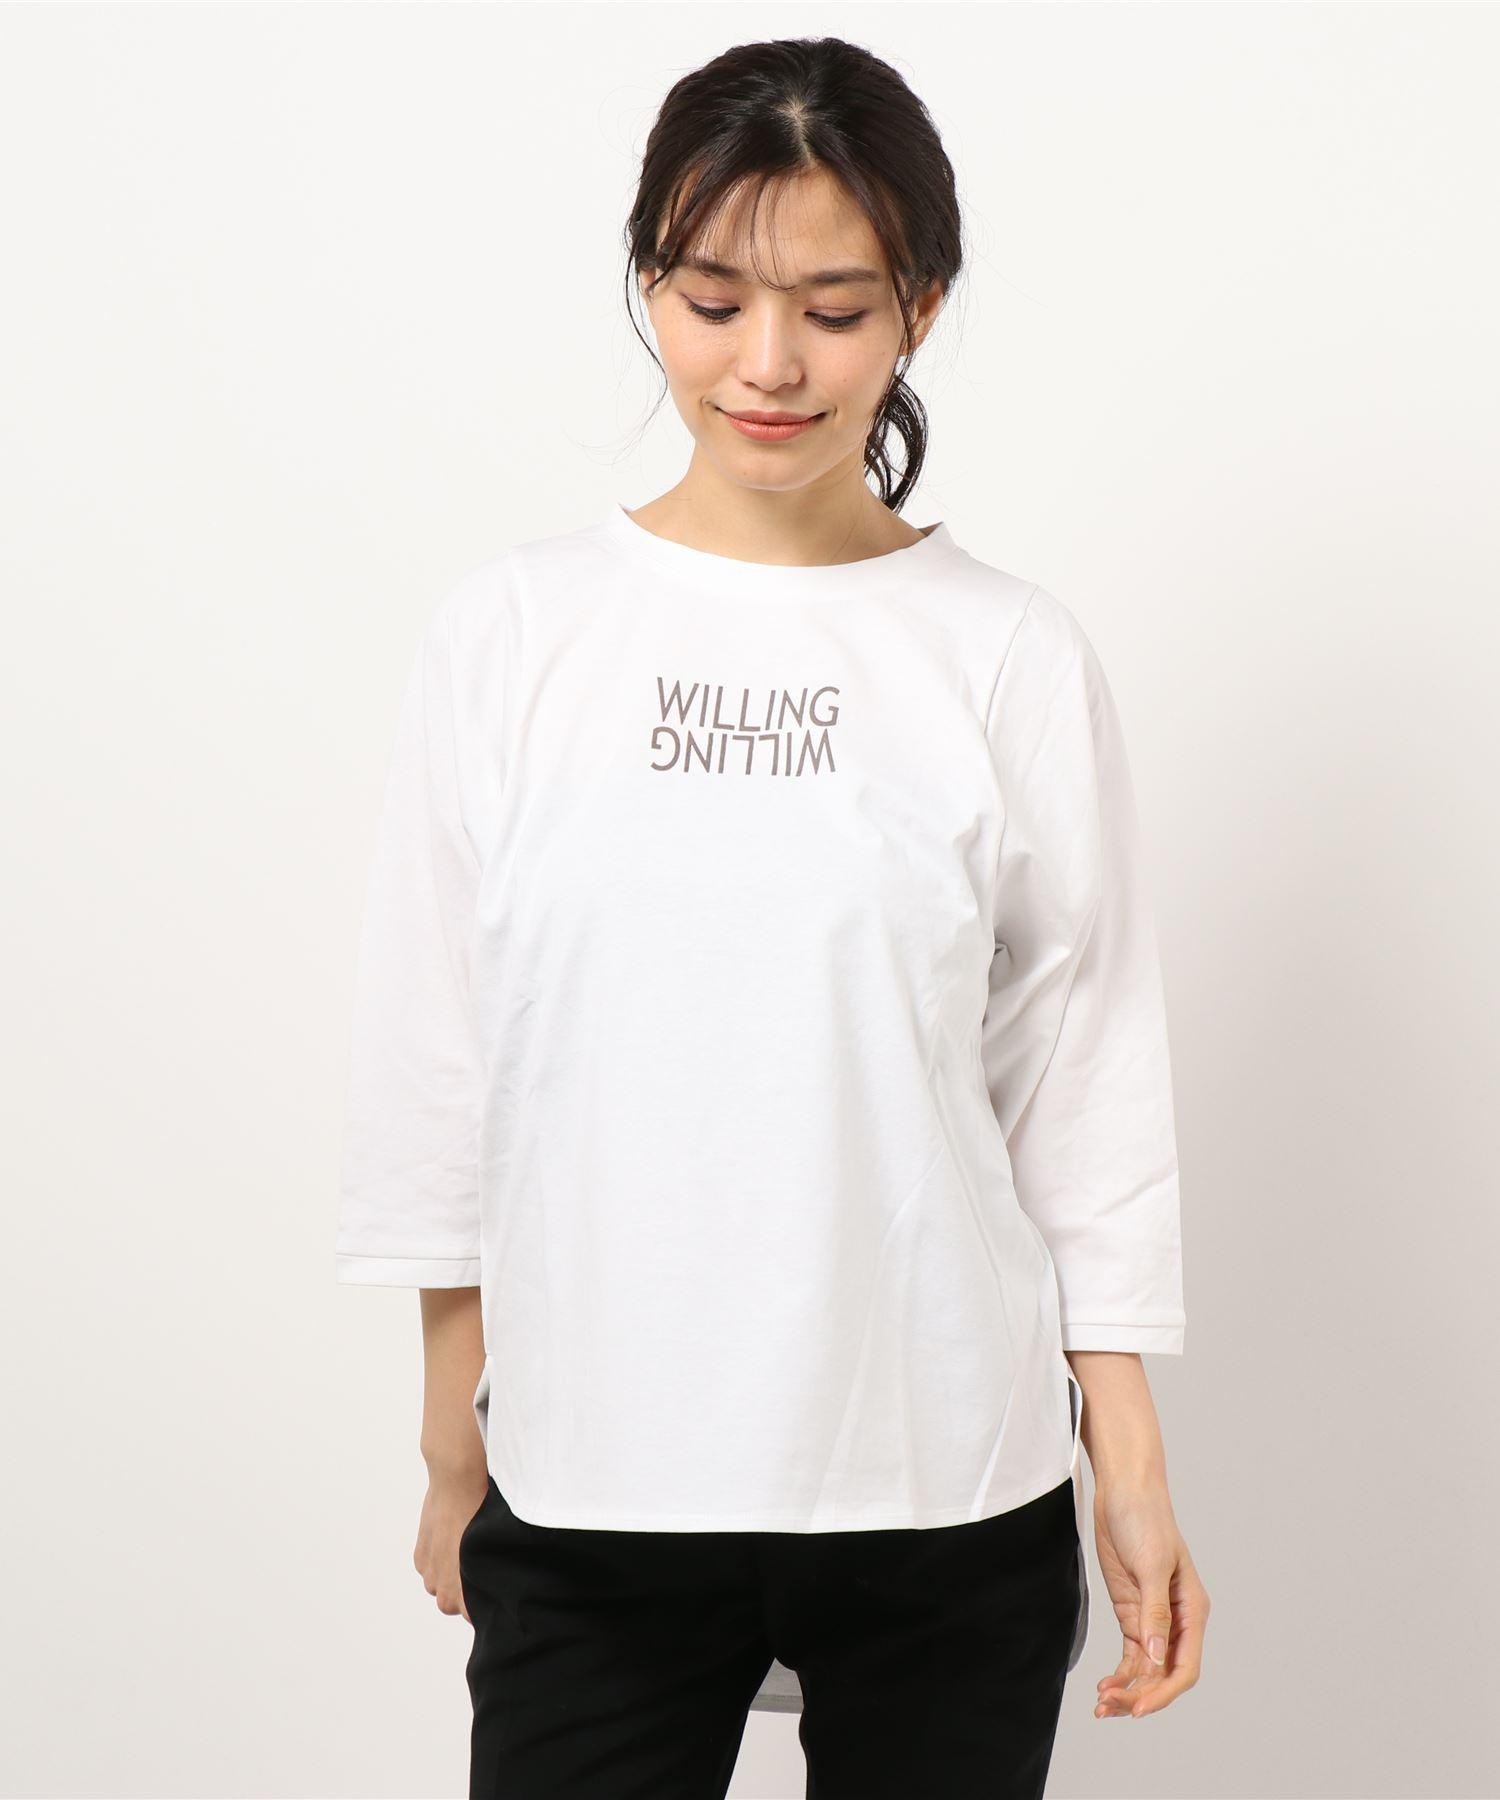 【THE CHIC】オーガニックコットンロゴヘムTシャツ